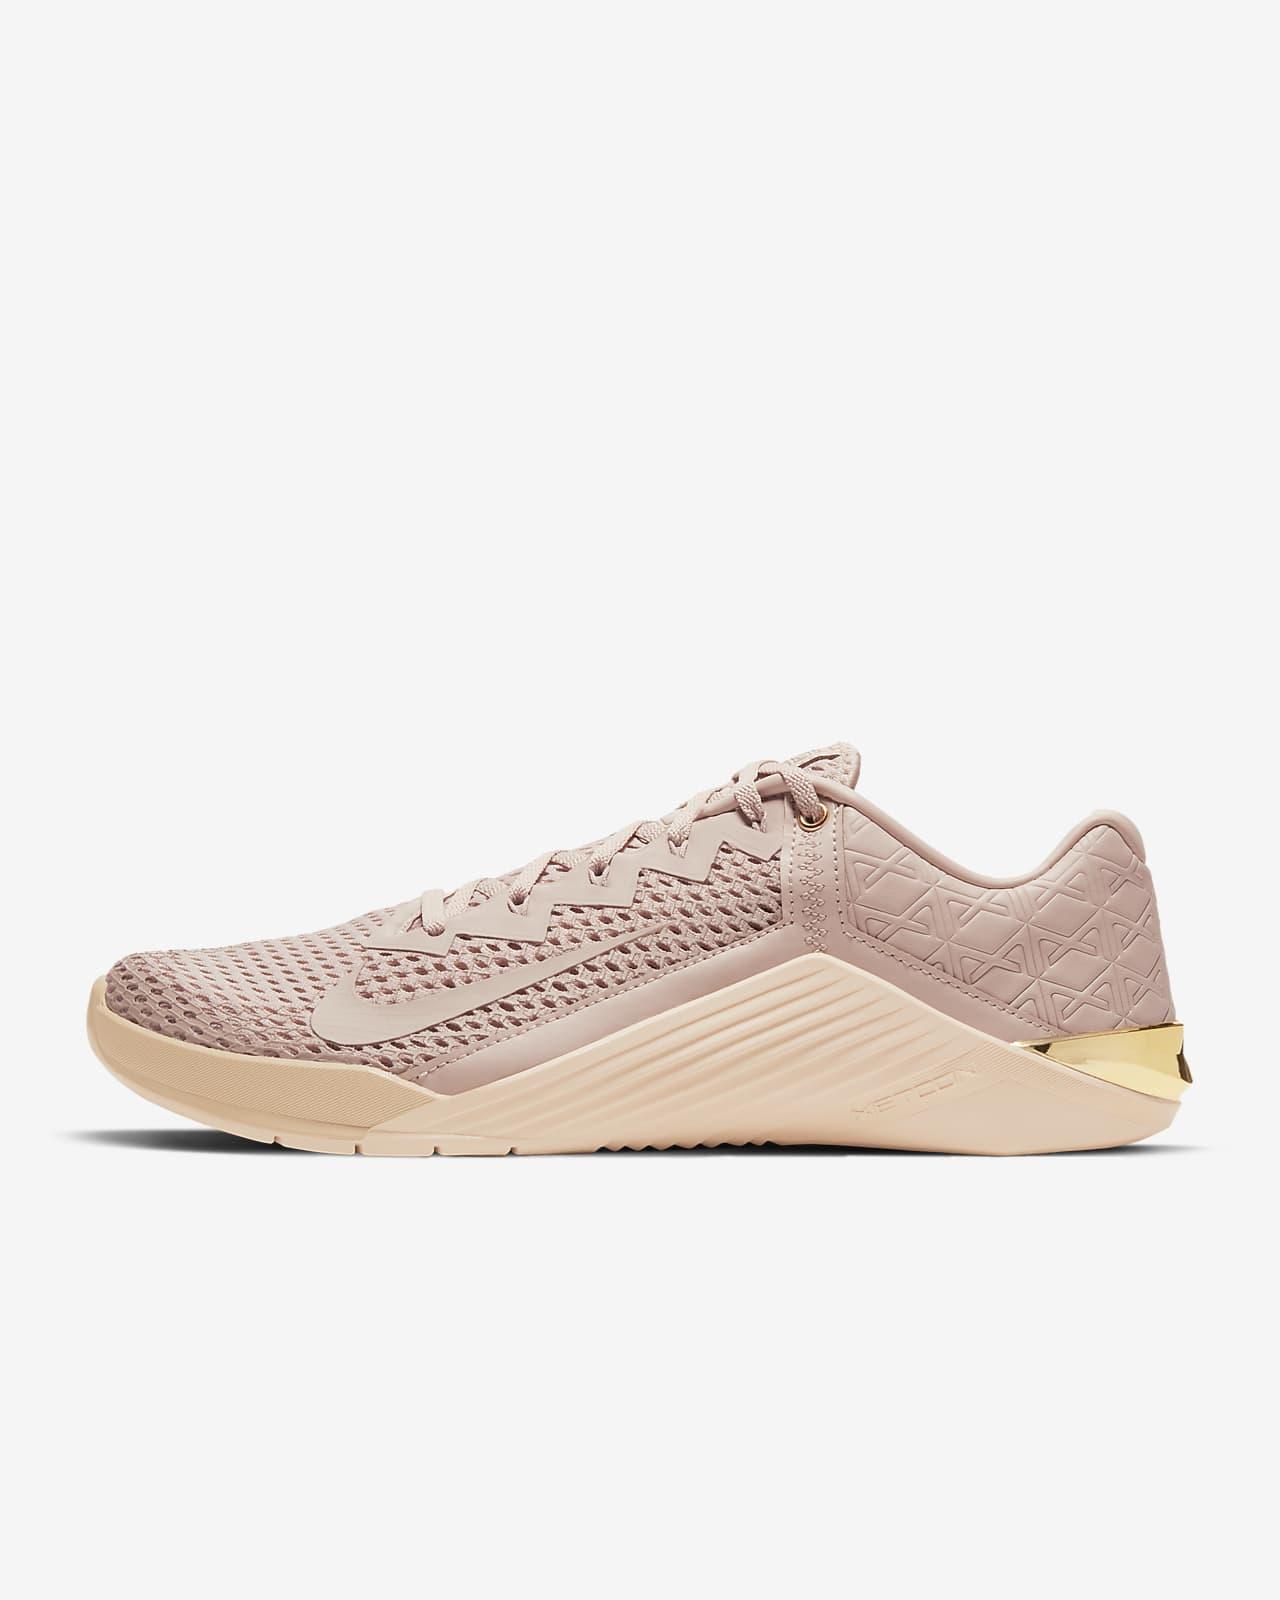 Sapatilhas de treino Nike Metcon 6 Premium